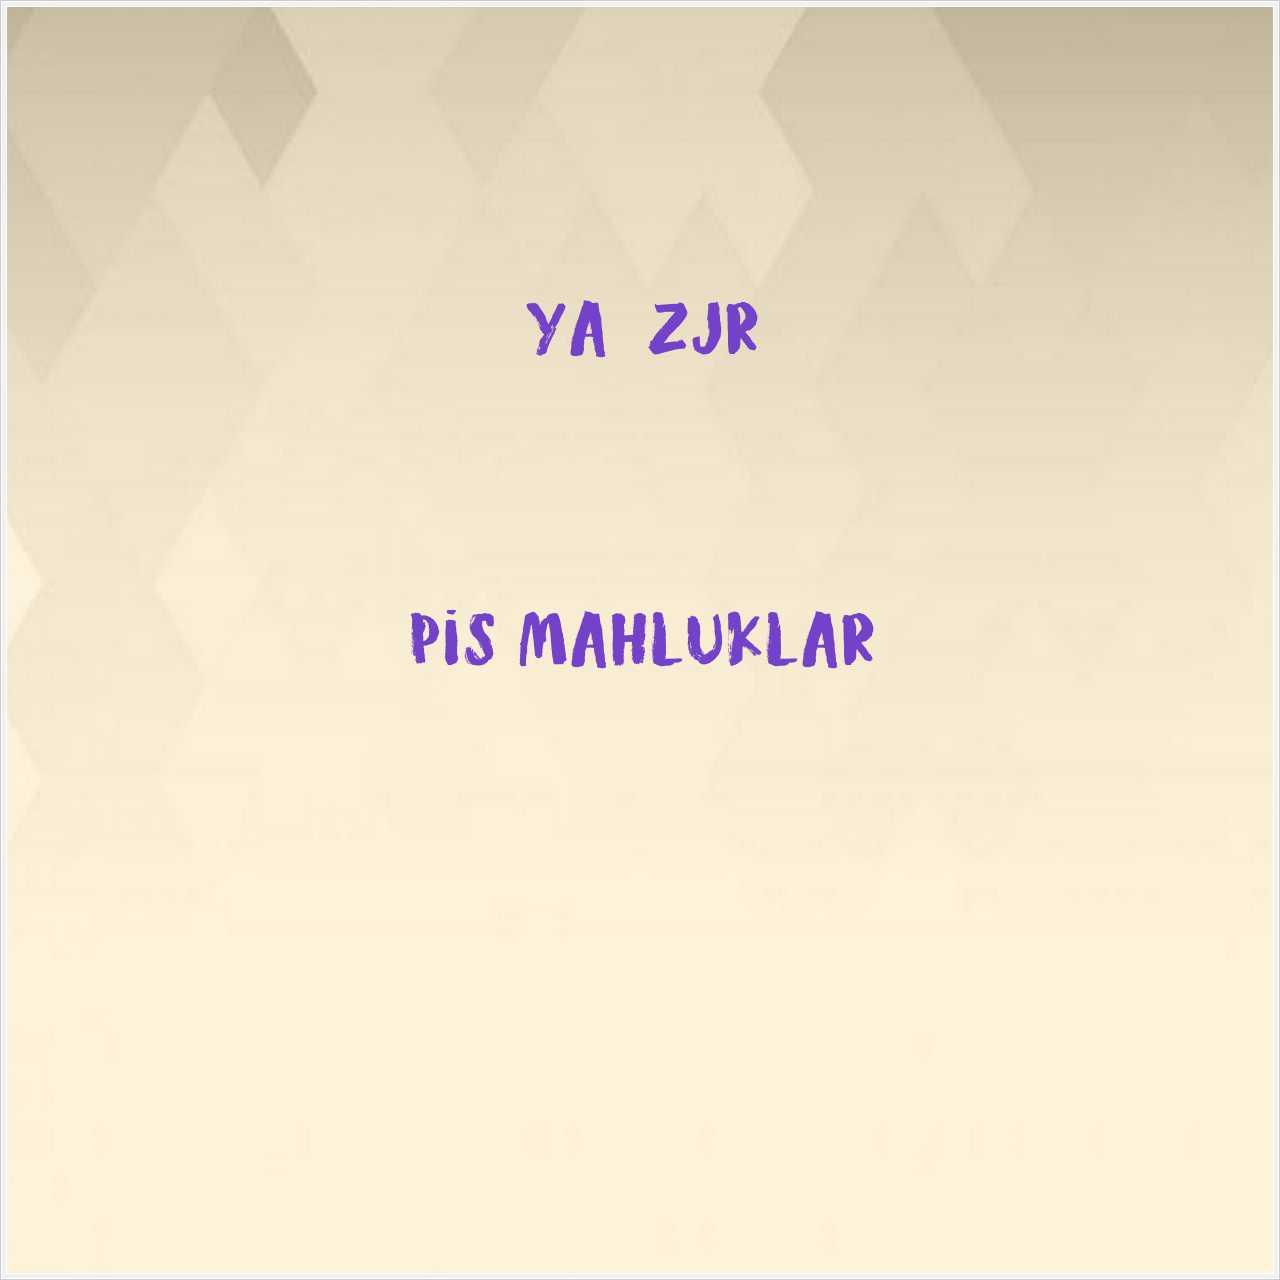 دانلود آهنگ جدید YağızJR به نام Pis Mahluklar